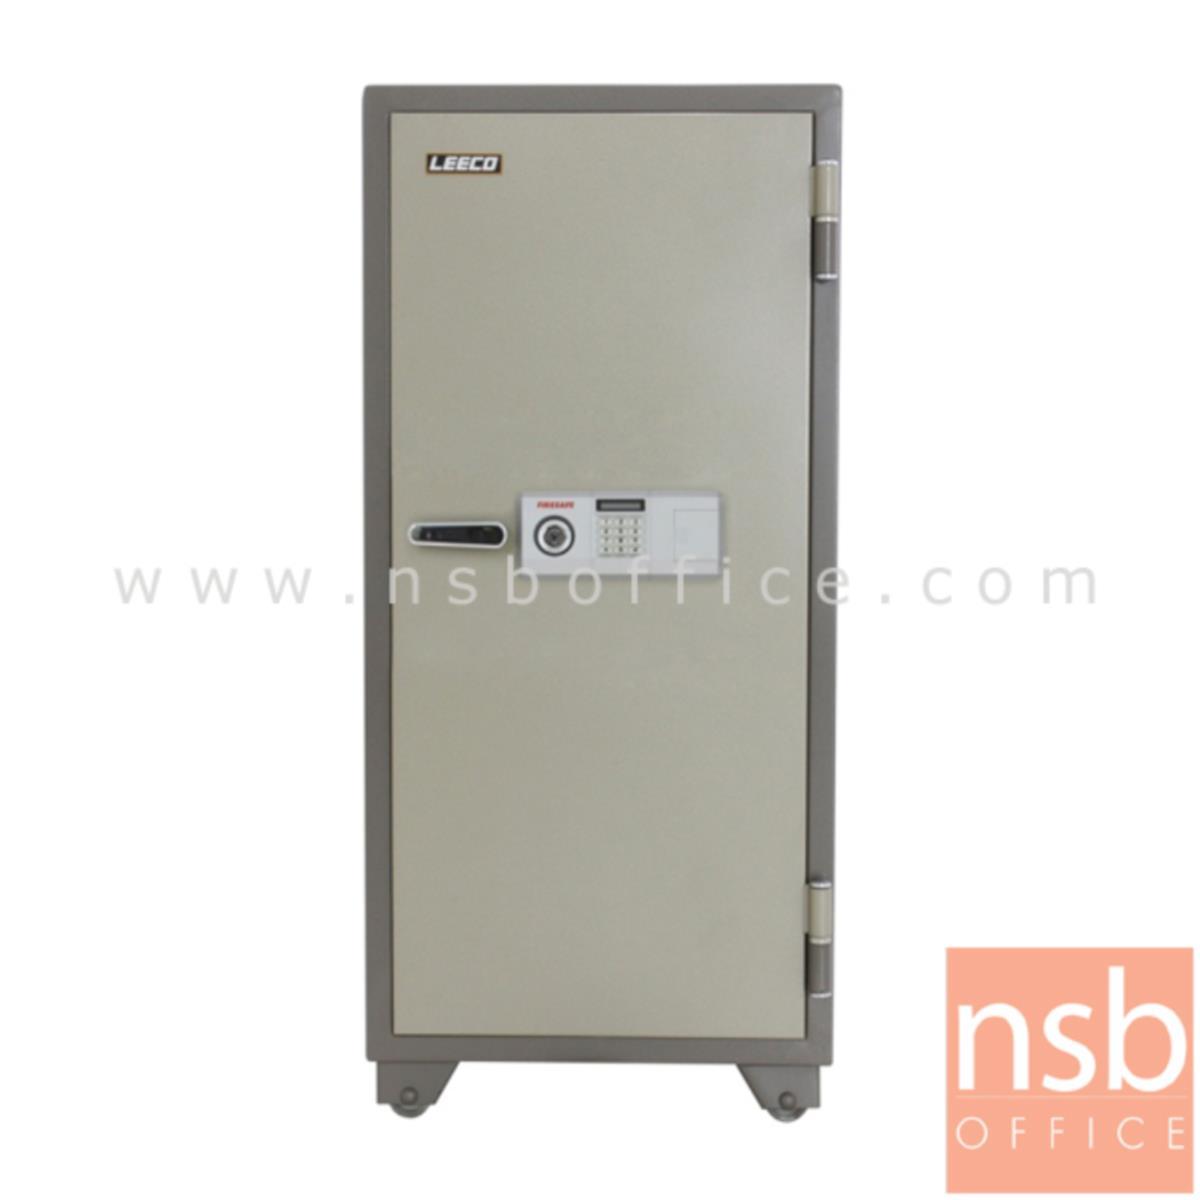 F02A058:ตู้เซฟนิรภัย 380 กก. ลิโก้ รุ่น Leeco-704-XPL (1 กุญแจ 1 รหัส)